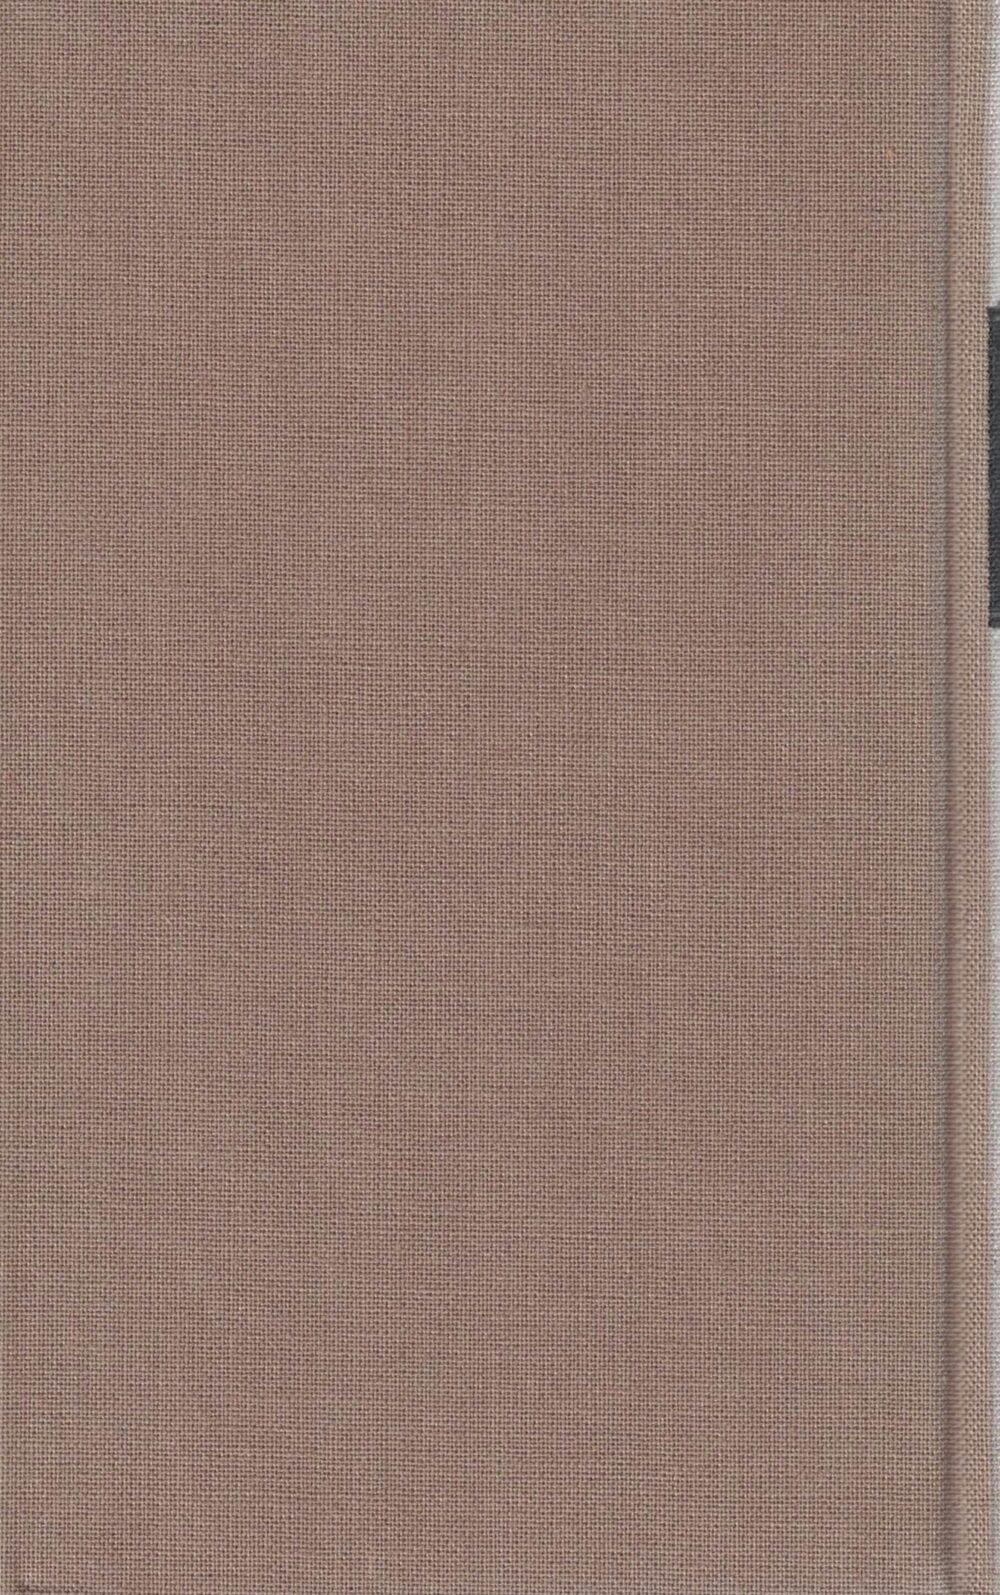 Herder Werke in fünf Bänden